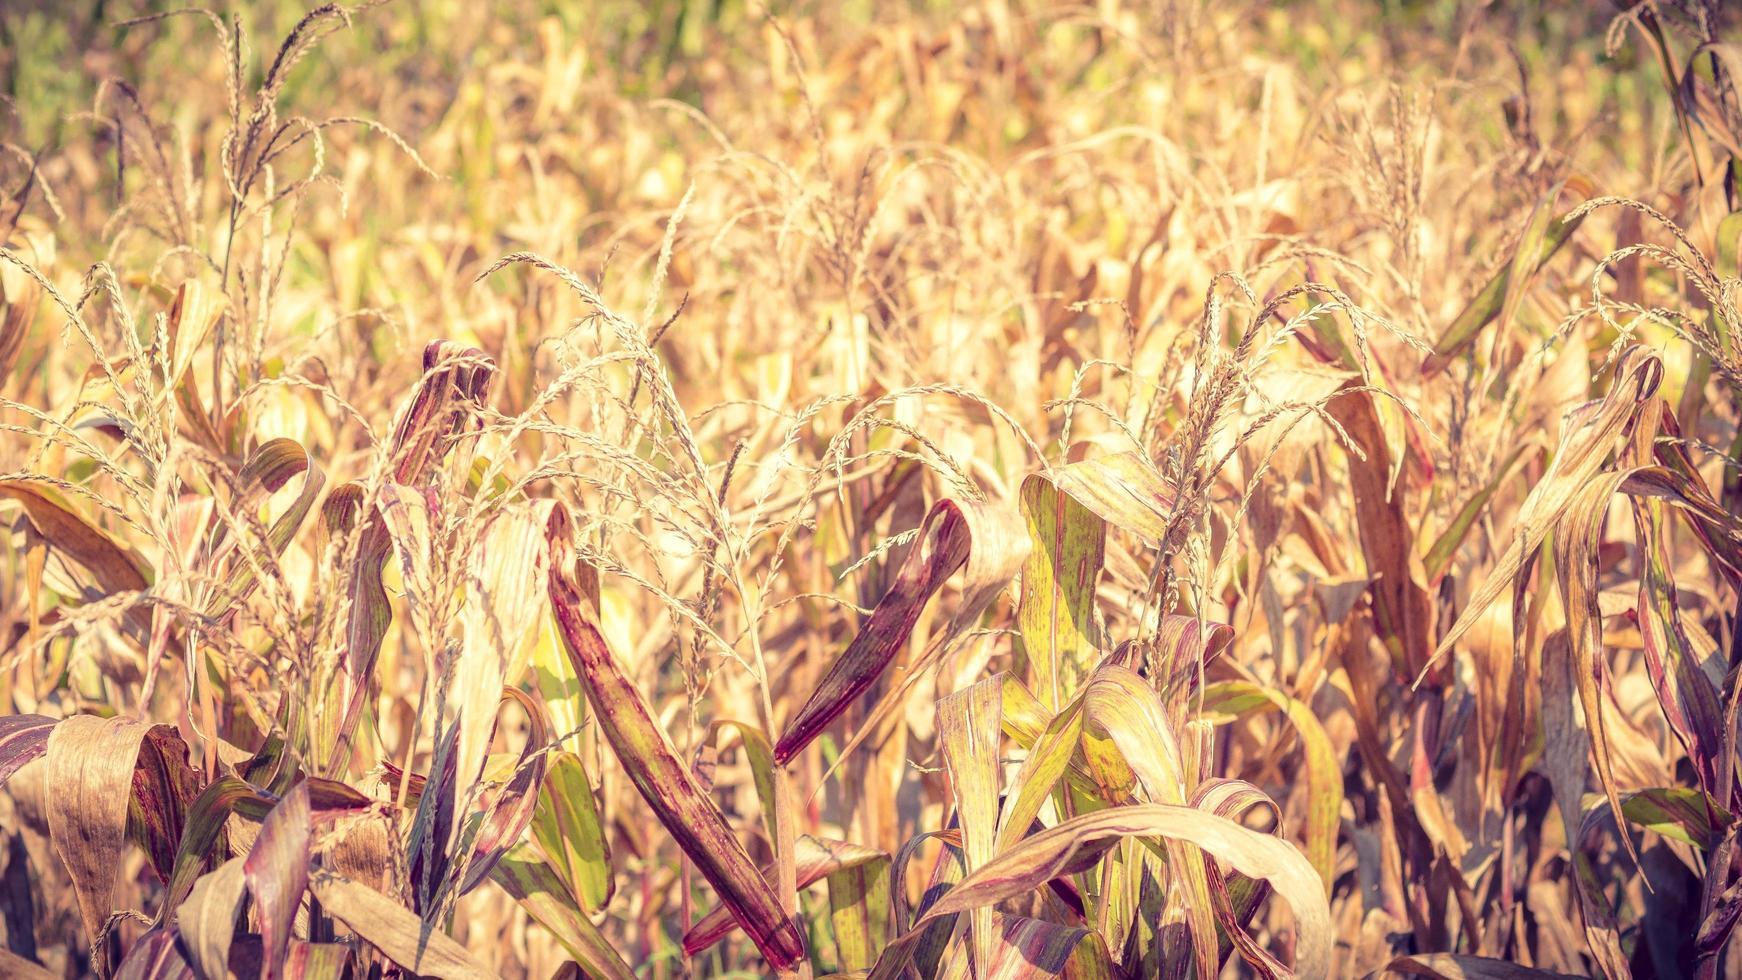 campo de maíz seco foto